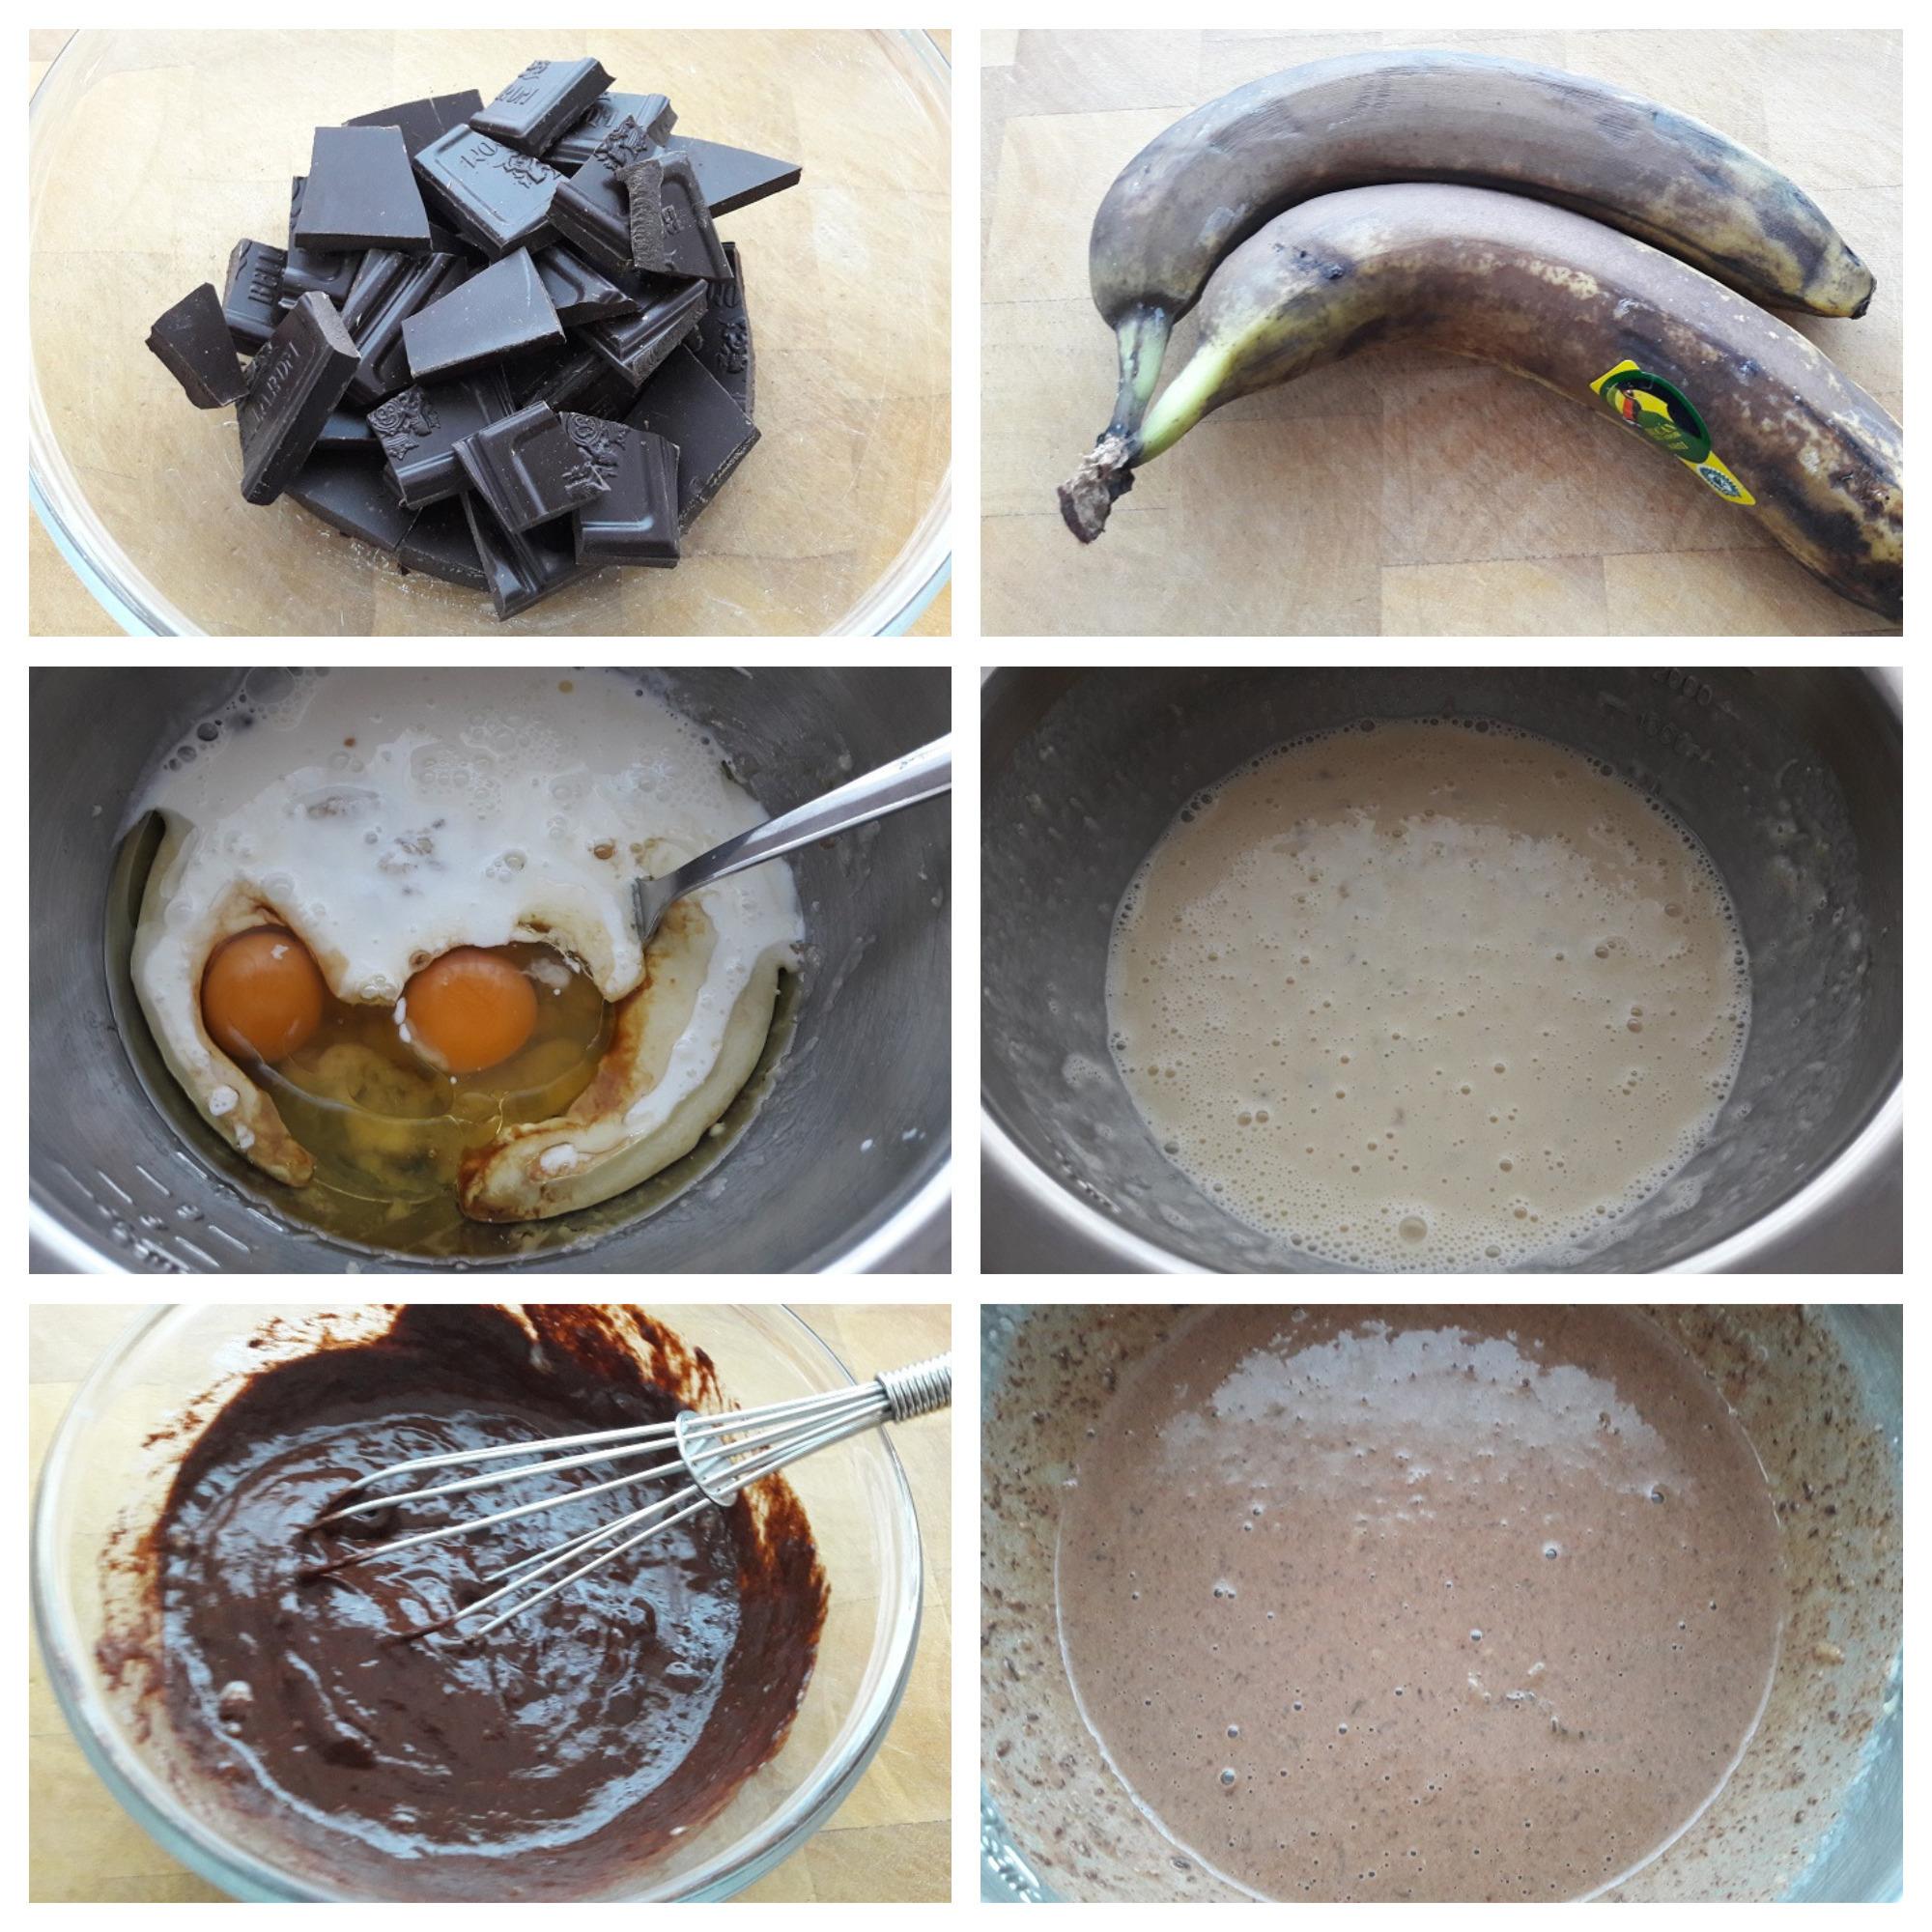 Natte ingrediënten voorbereiden voor het Triple Chocolate Bananenbrood